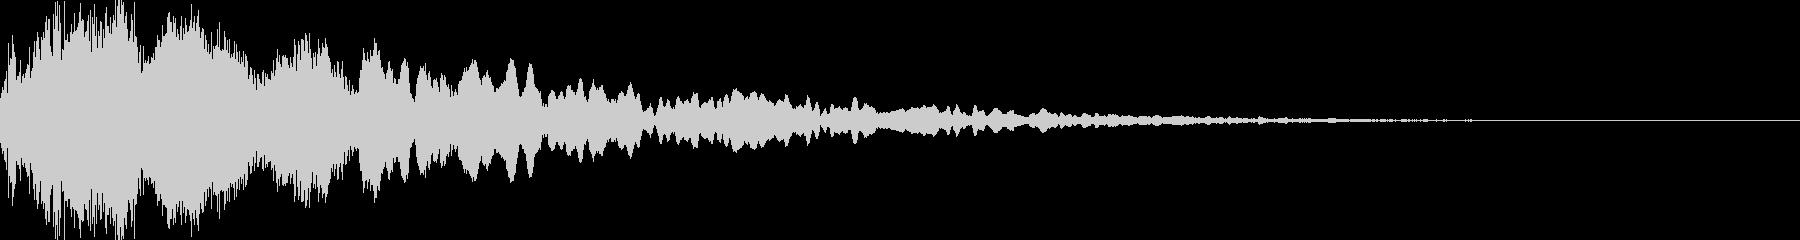 シャキーン!(ガキーン!)インパクト音の未再生の波形